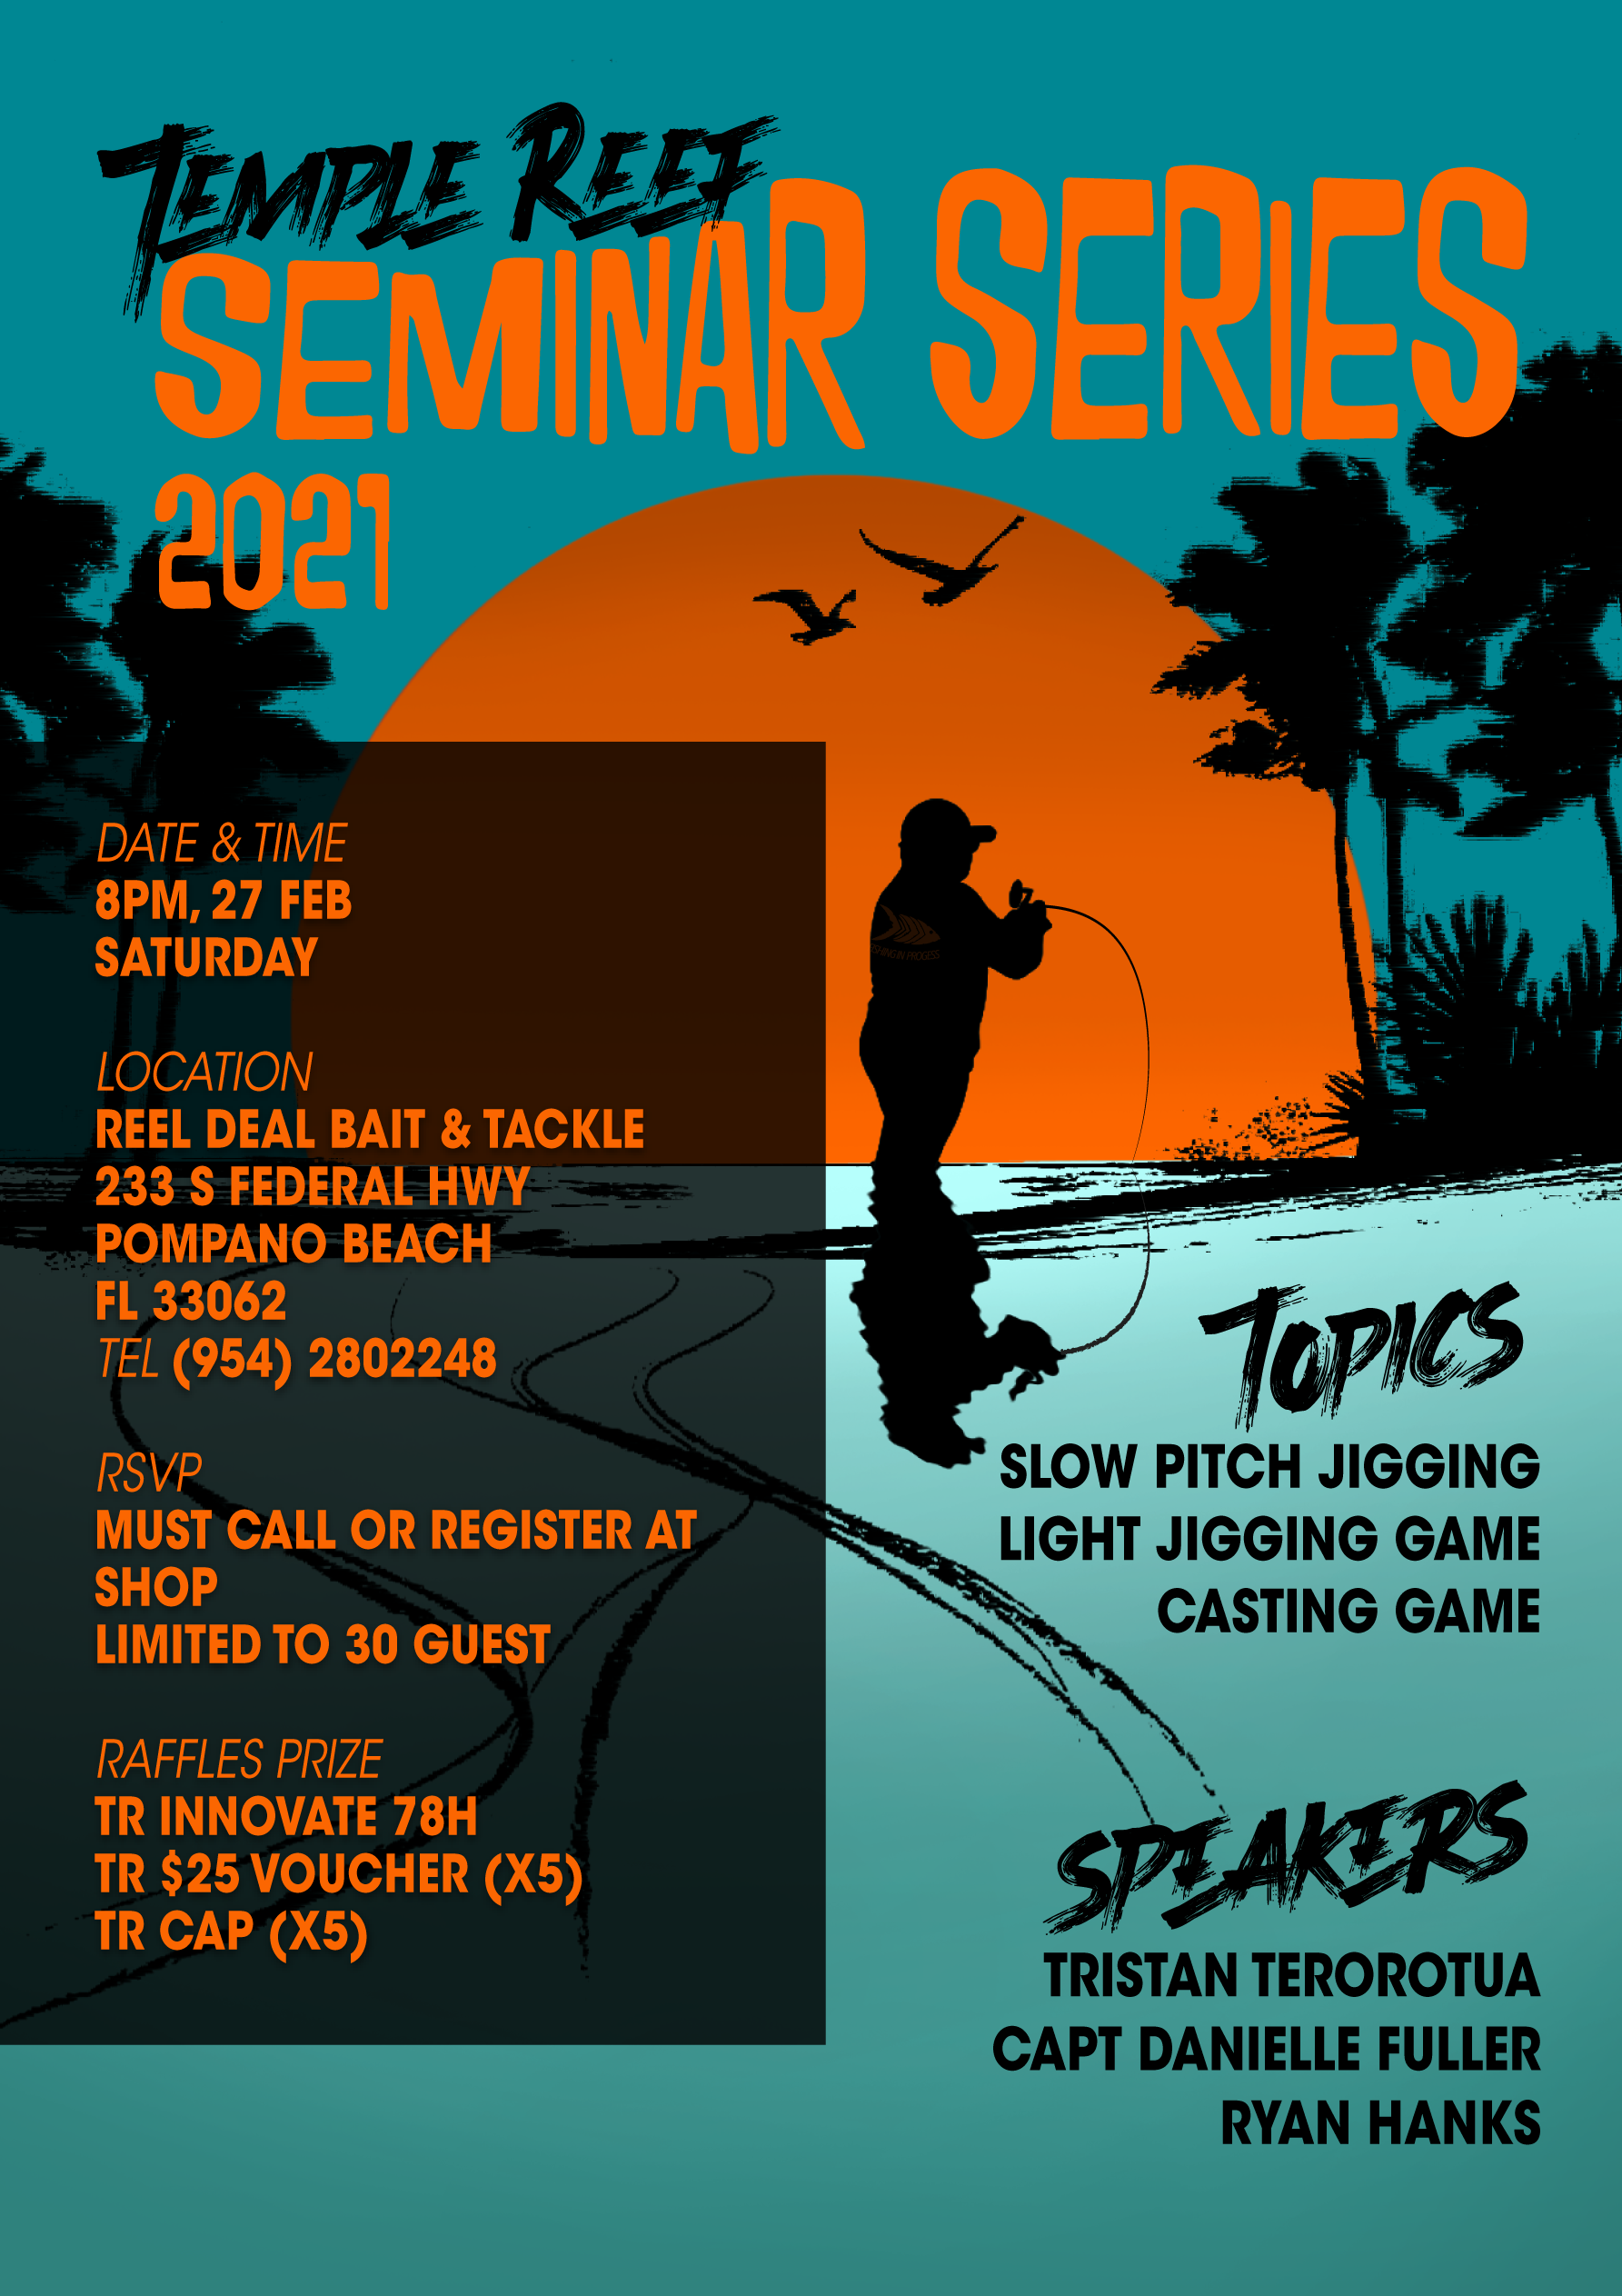 Seminar Series 2021